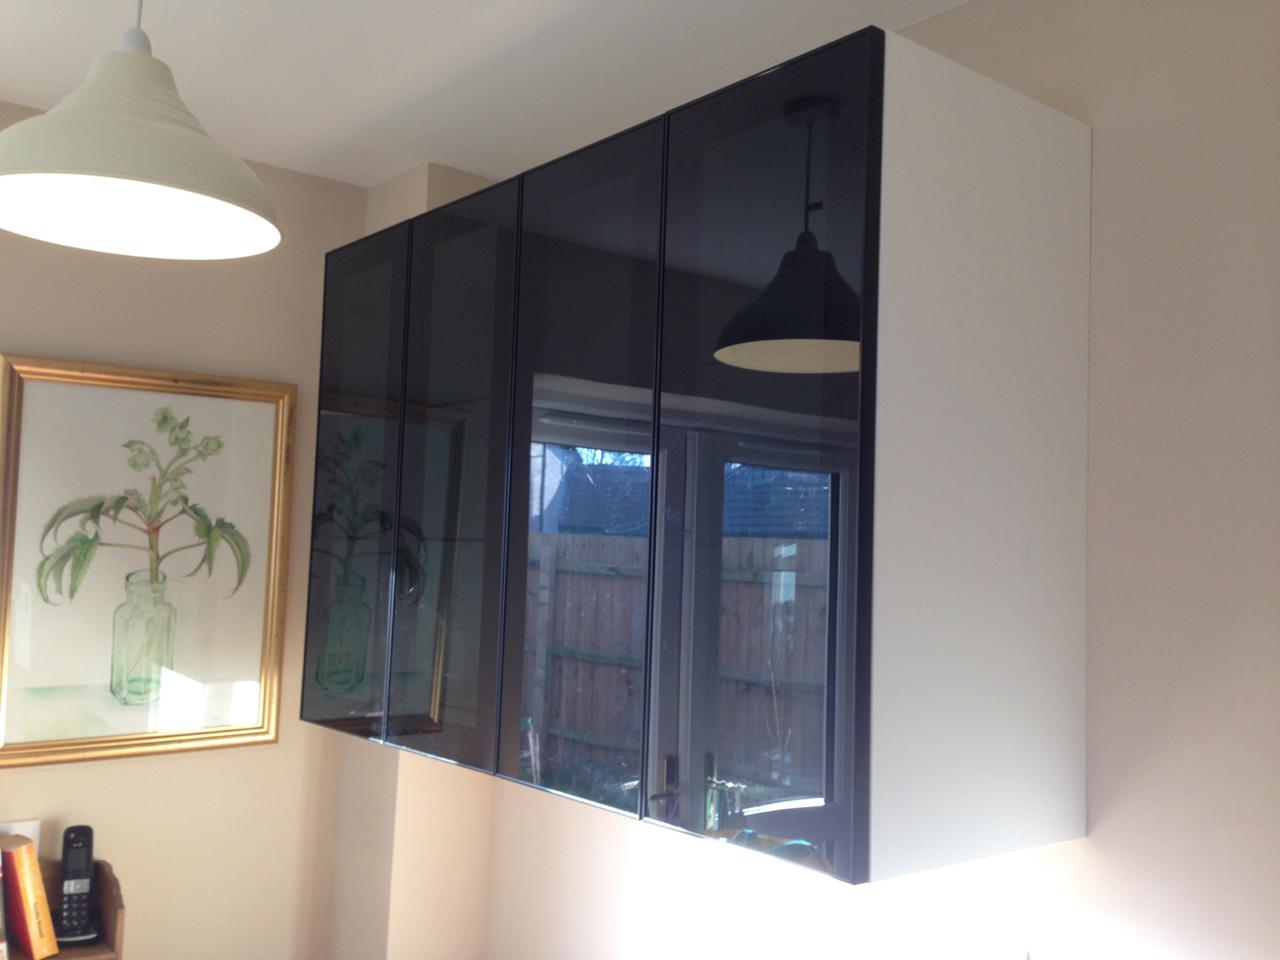 Ikea Metod Wall units